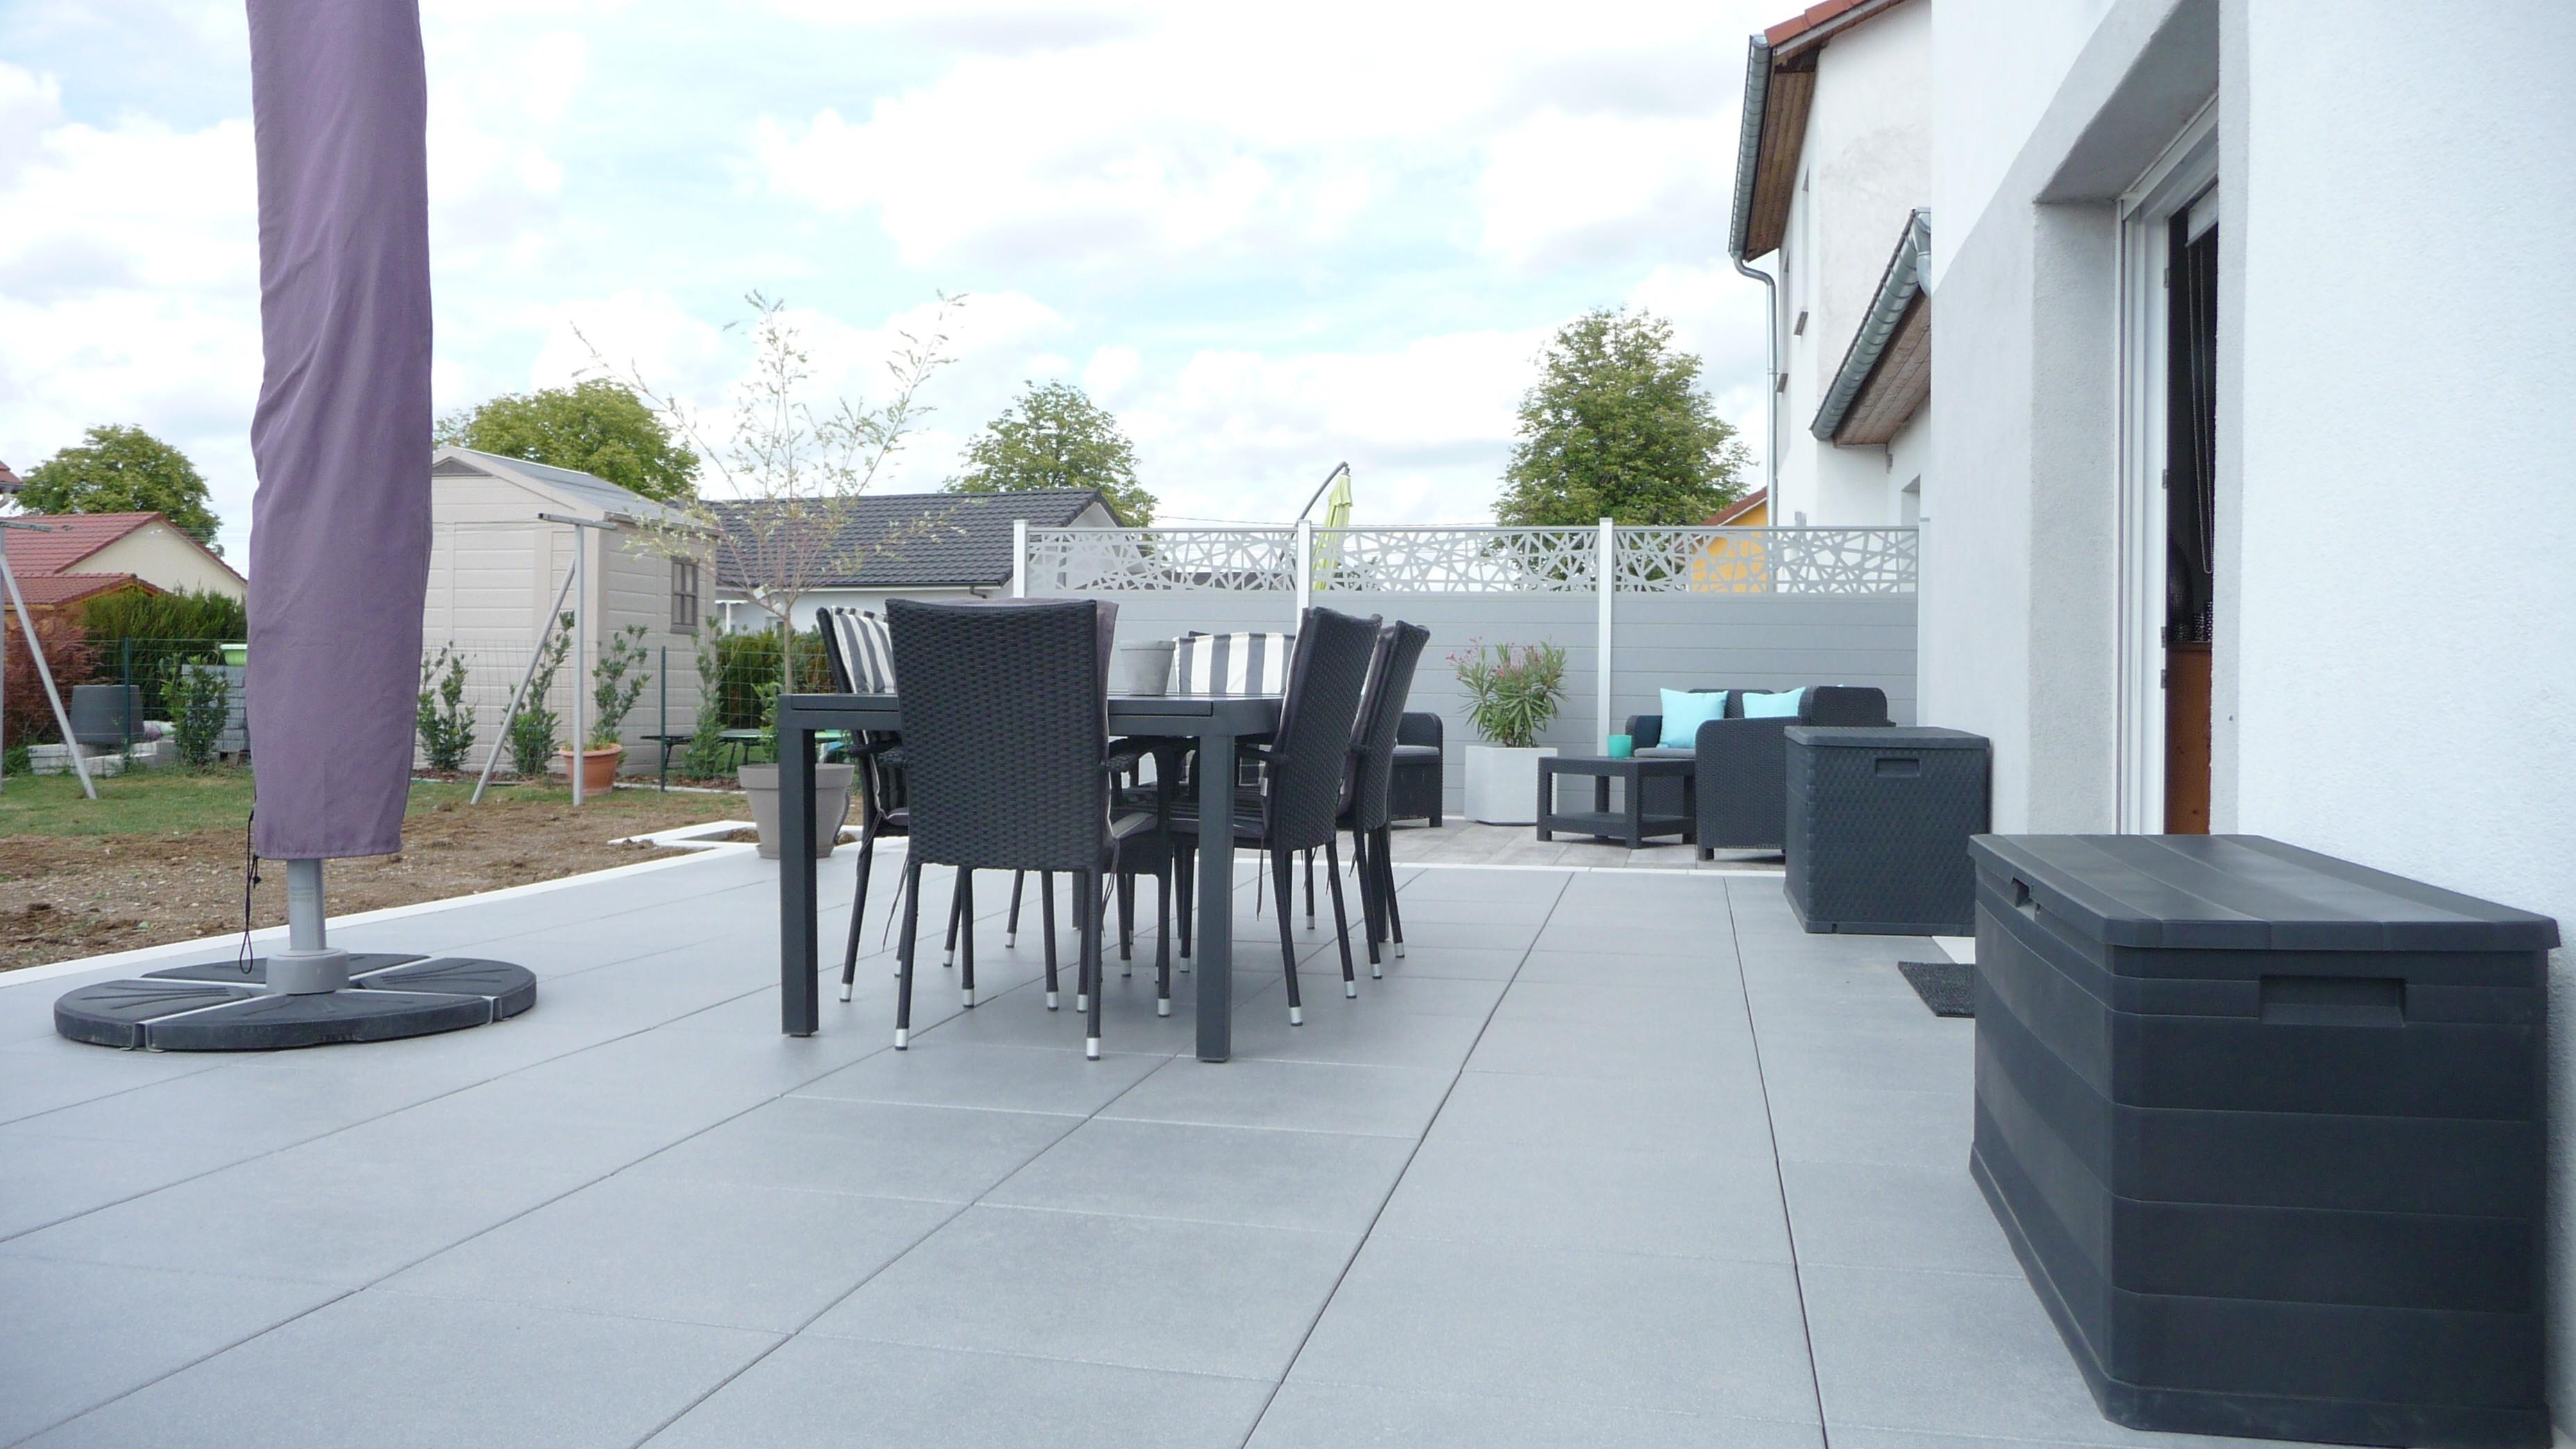 paysagiste vosges christophe fetten evasion jardin. Black Bedroom Furniture Sets. Home Design Ideas